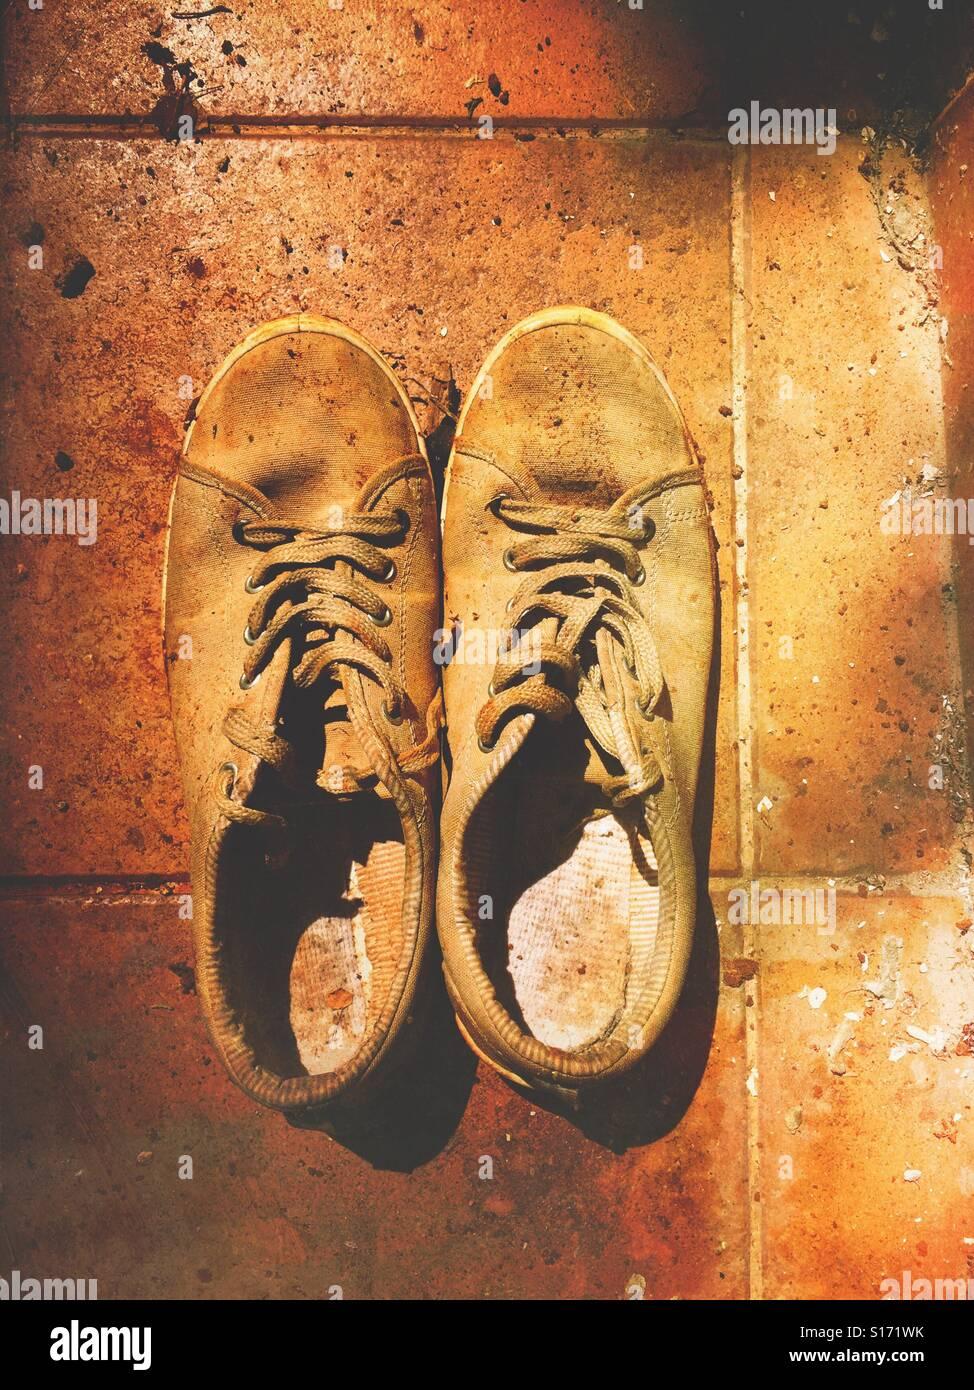 Zapatos de hombre viejo en el suelo al aire libre Imagen De Stock